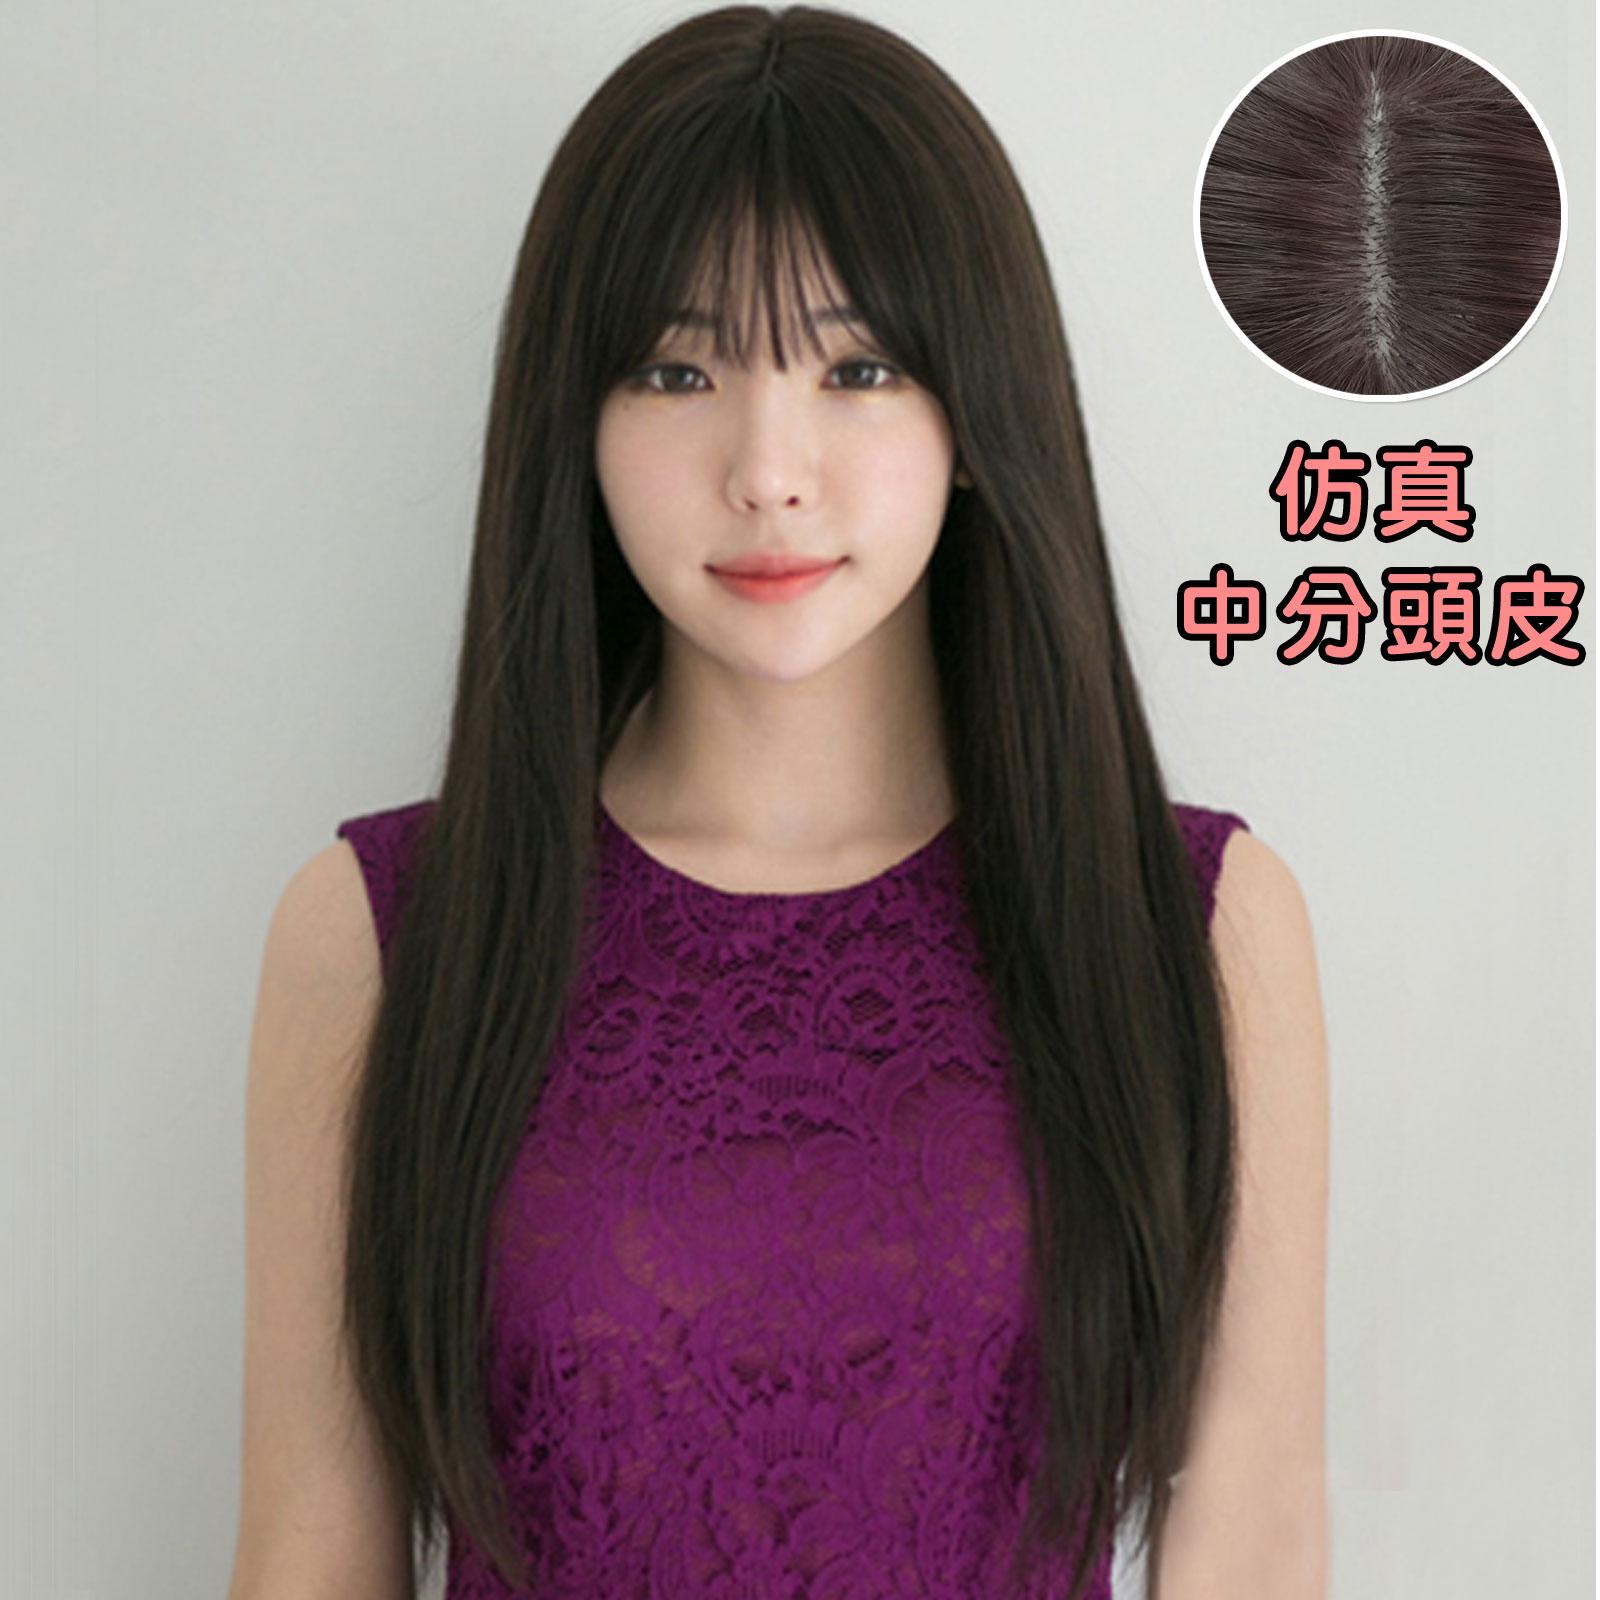 韓系 空氣瀏海 長微彎假髮(加大頭皮)【MA212】高仿真整頂假髮☆雙兒網☆ 0